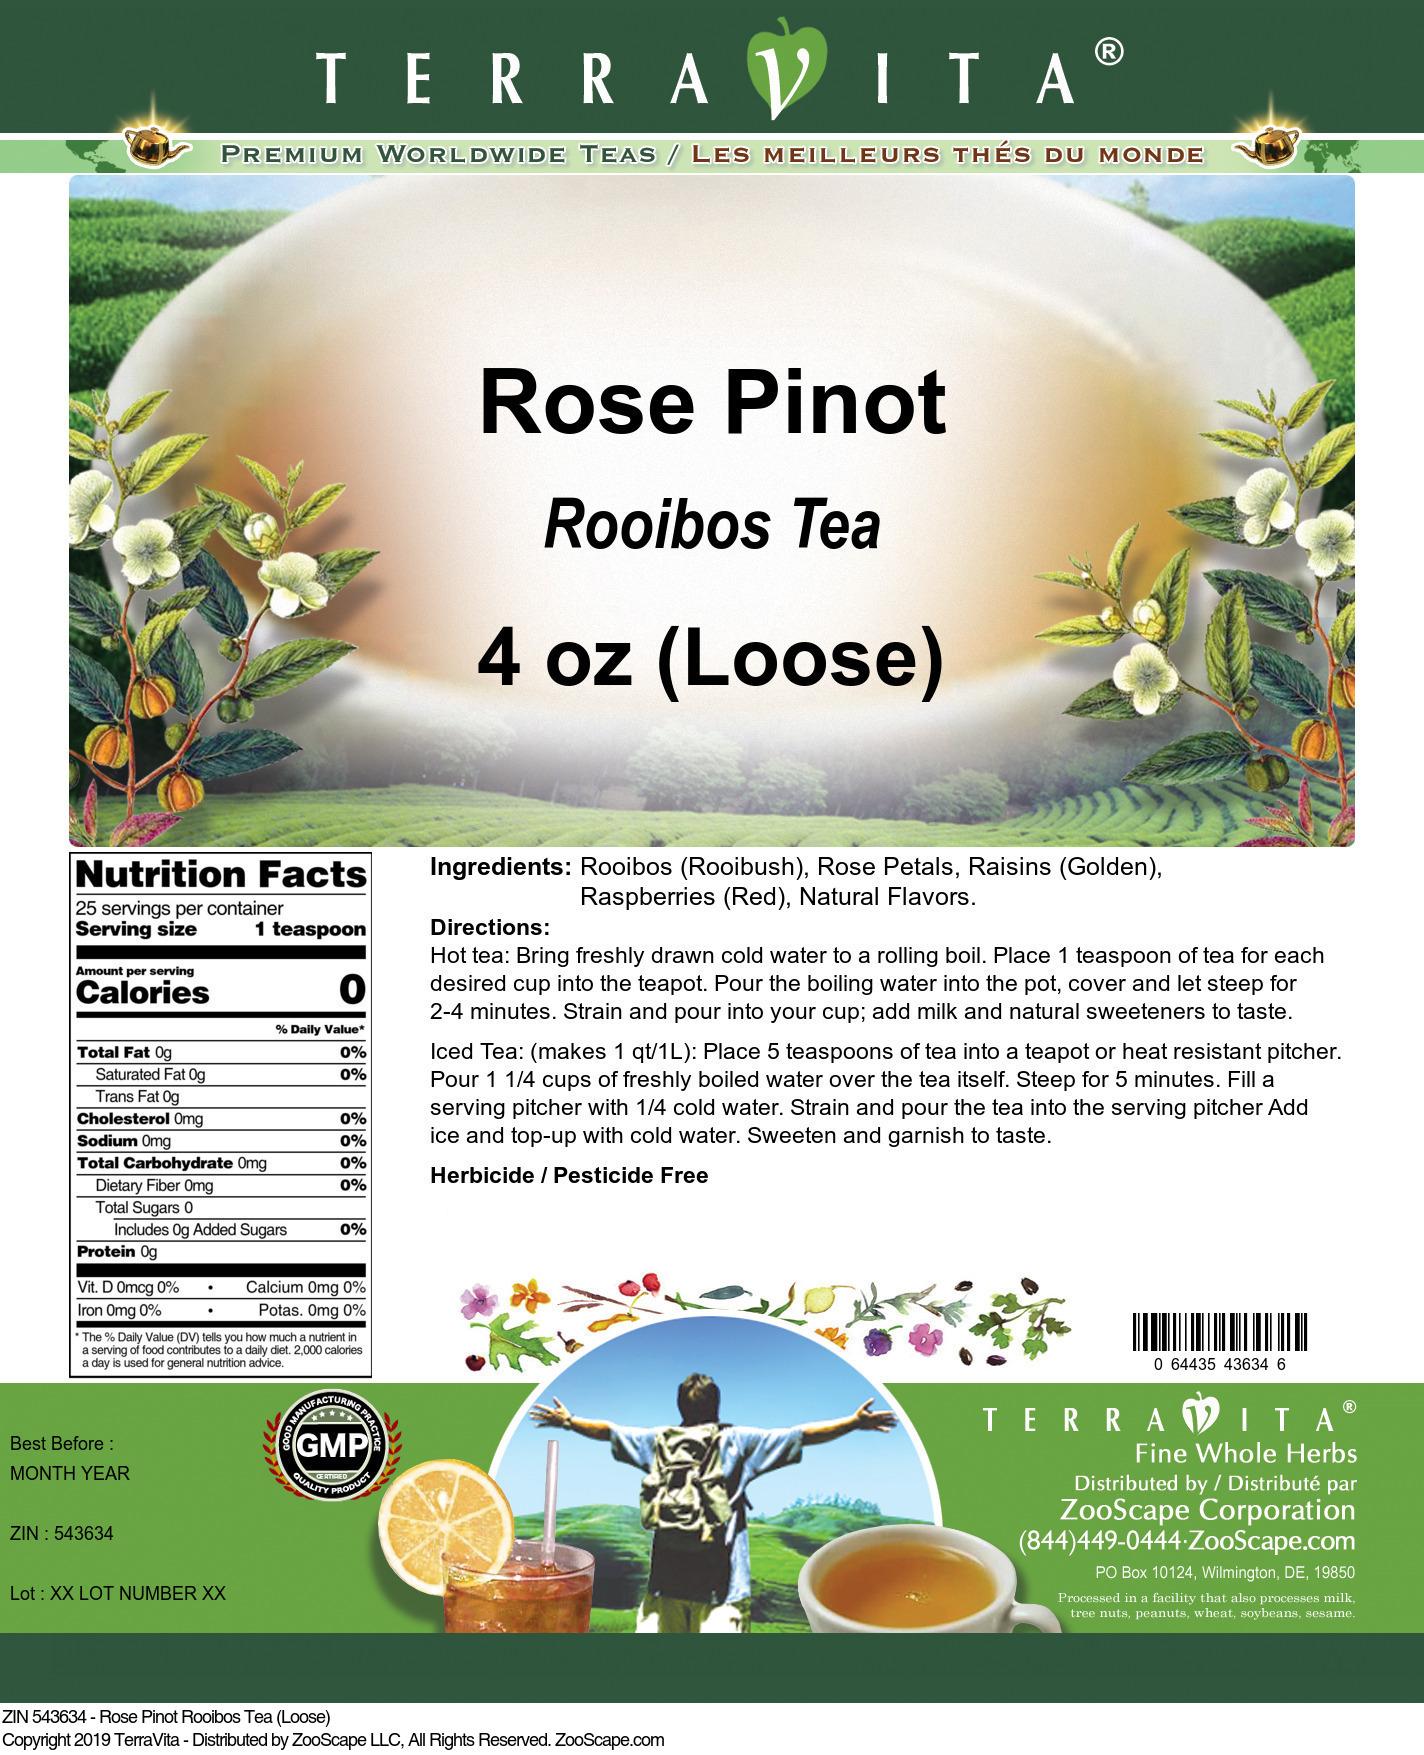 Rose Pinot Rooibos Tea (Loose)